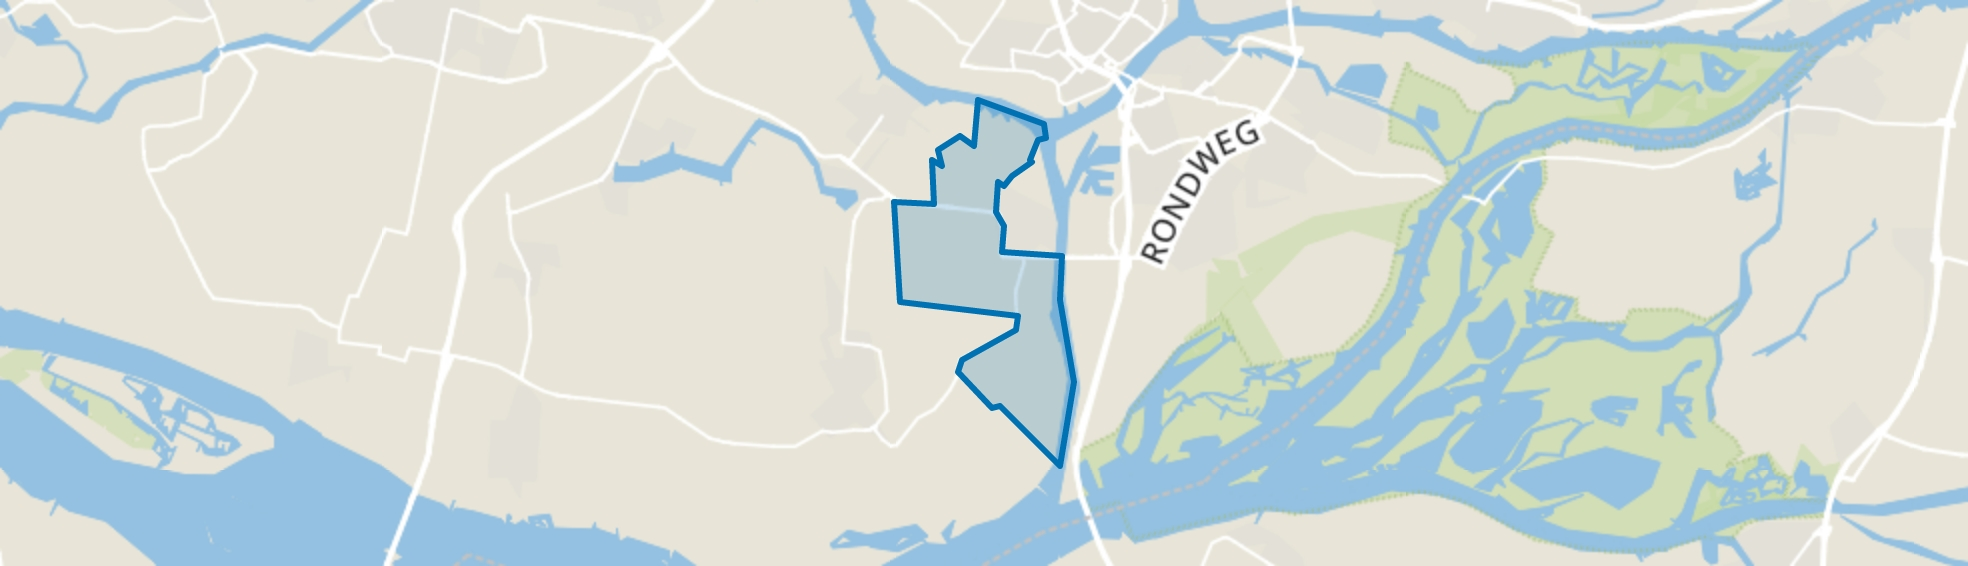 's-Gravendeel Buitengebied, 's-Gravendeel map